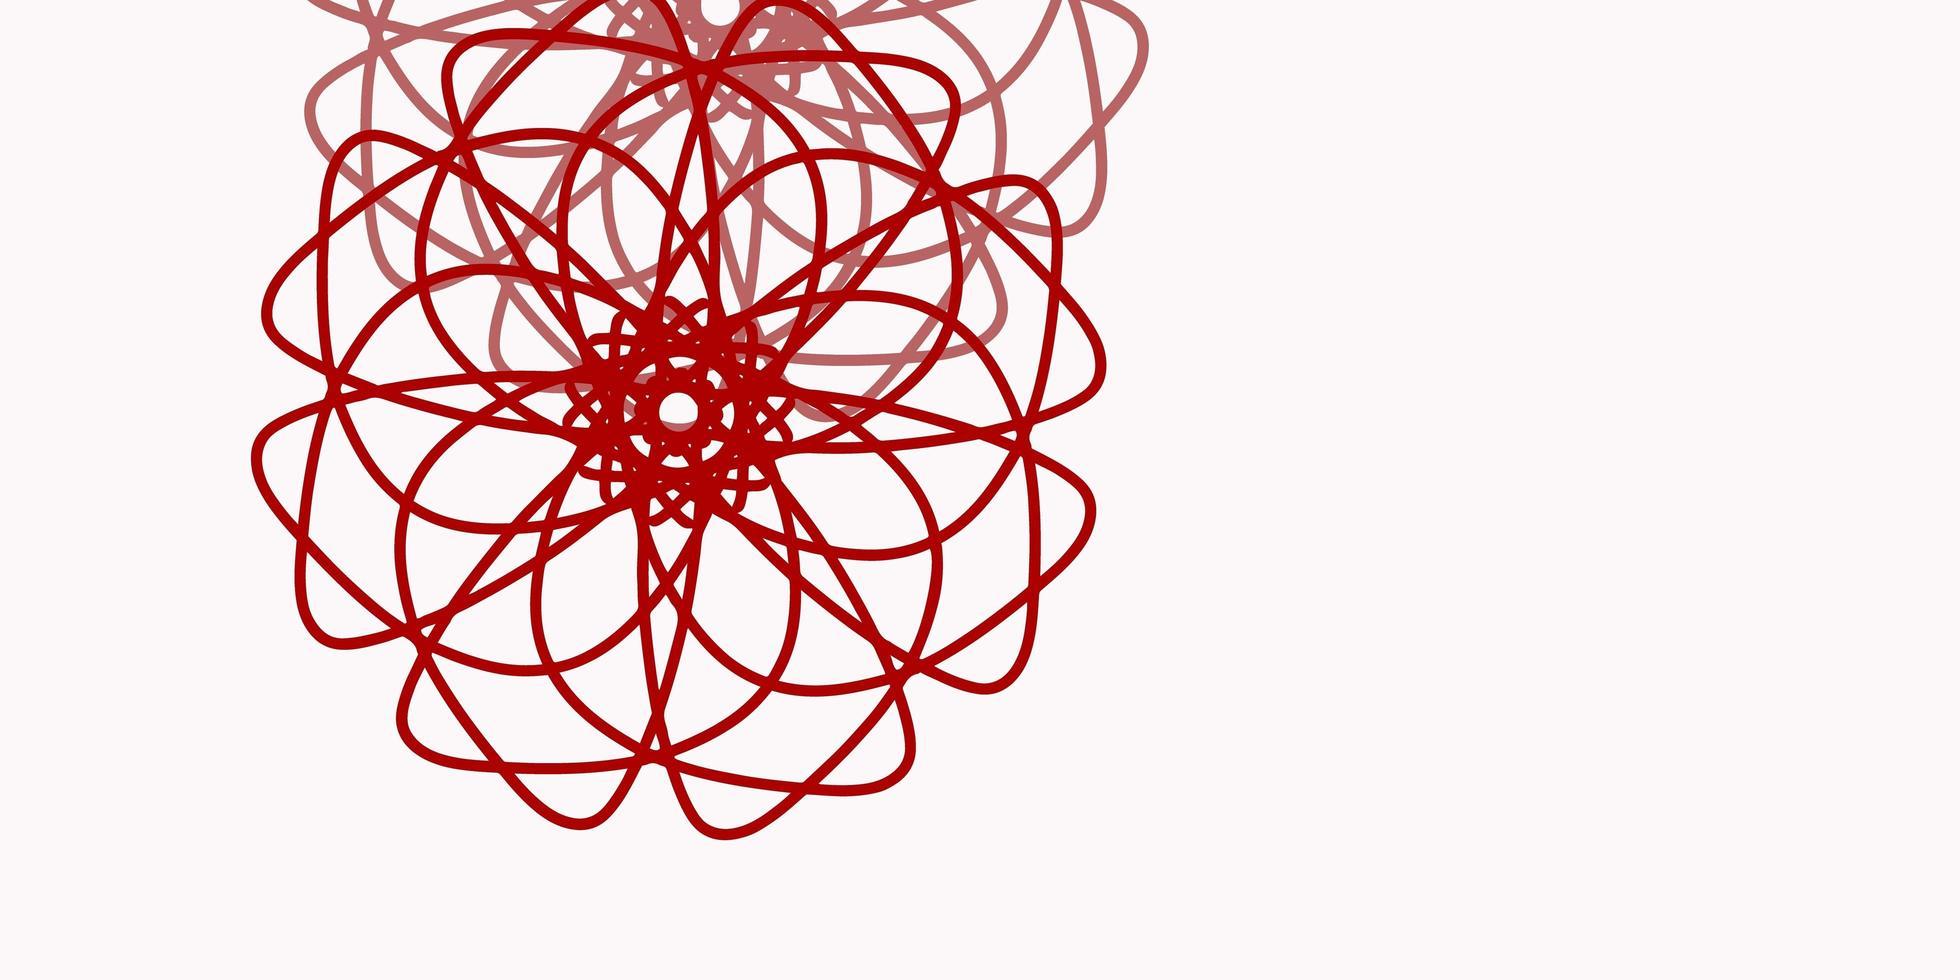 ljusrosa, röd vektor naturlig layout med blommor.